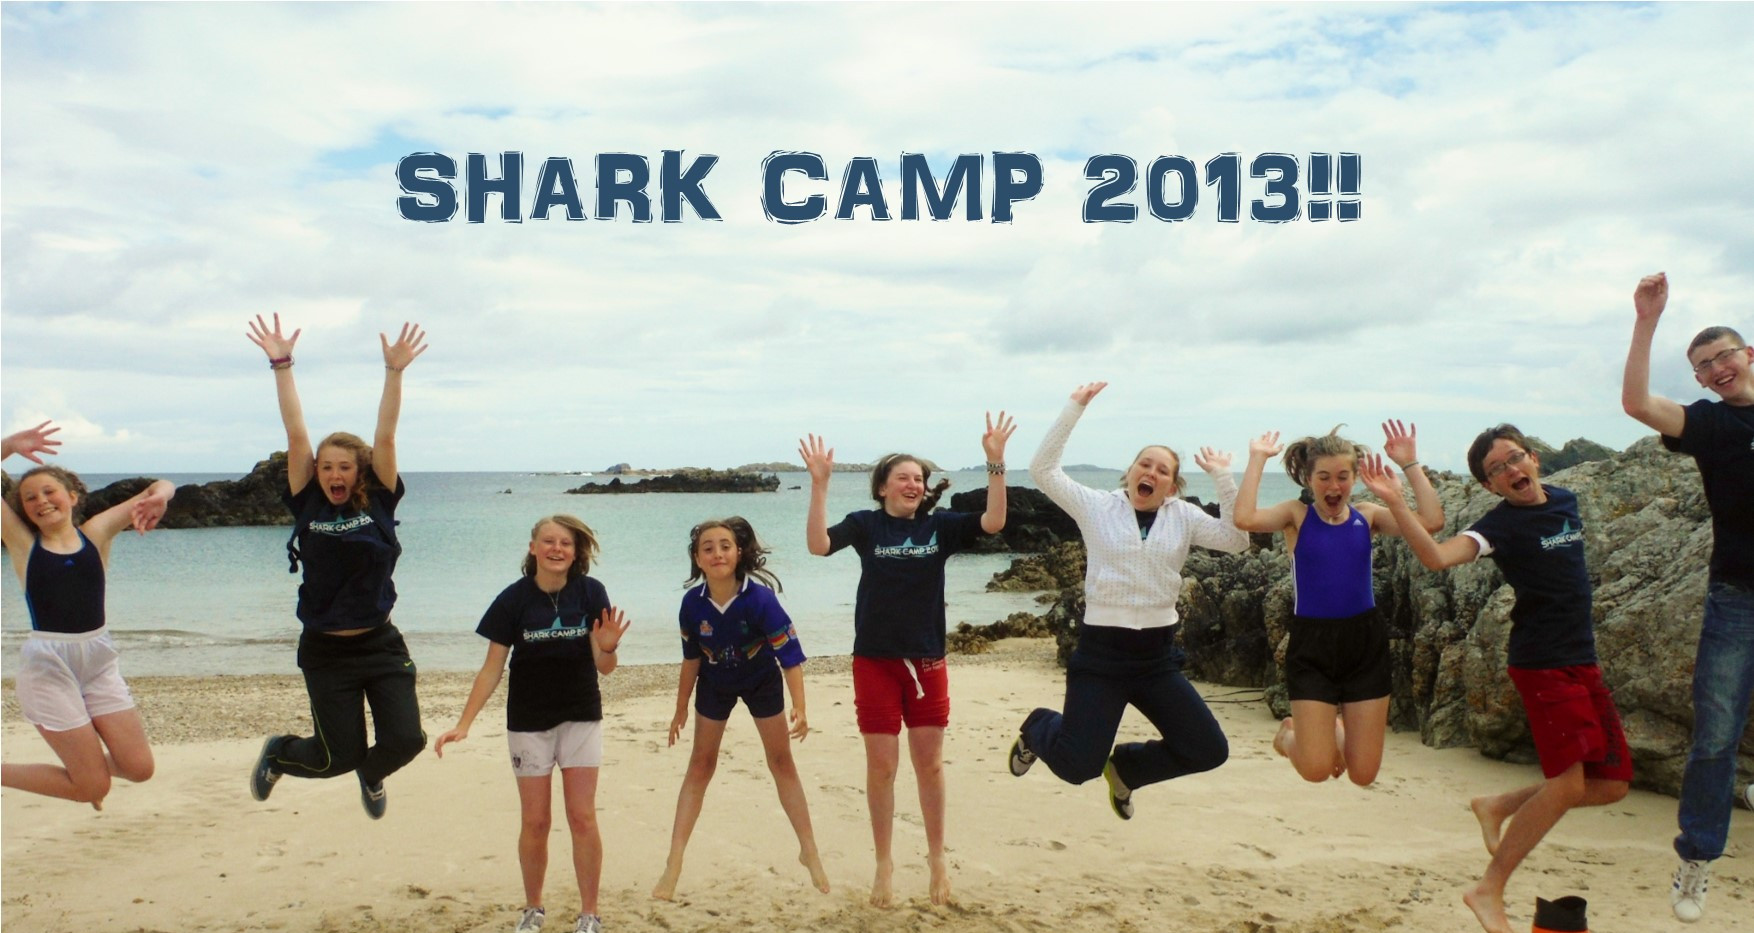 sharkcampbanner.jpg